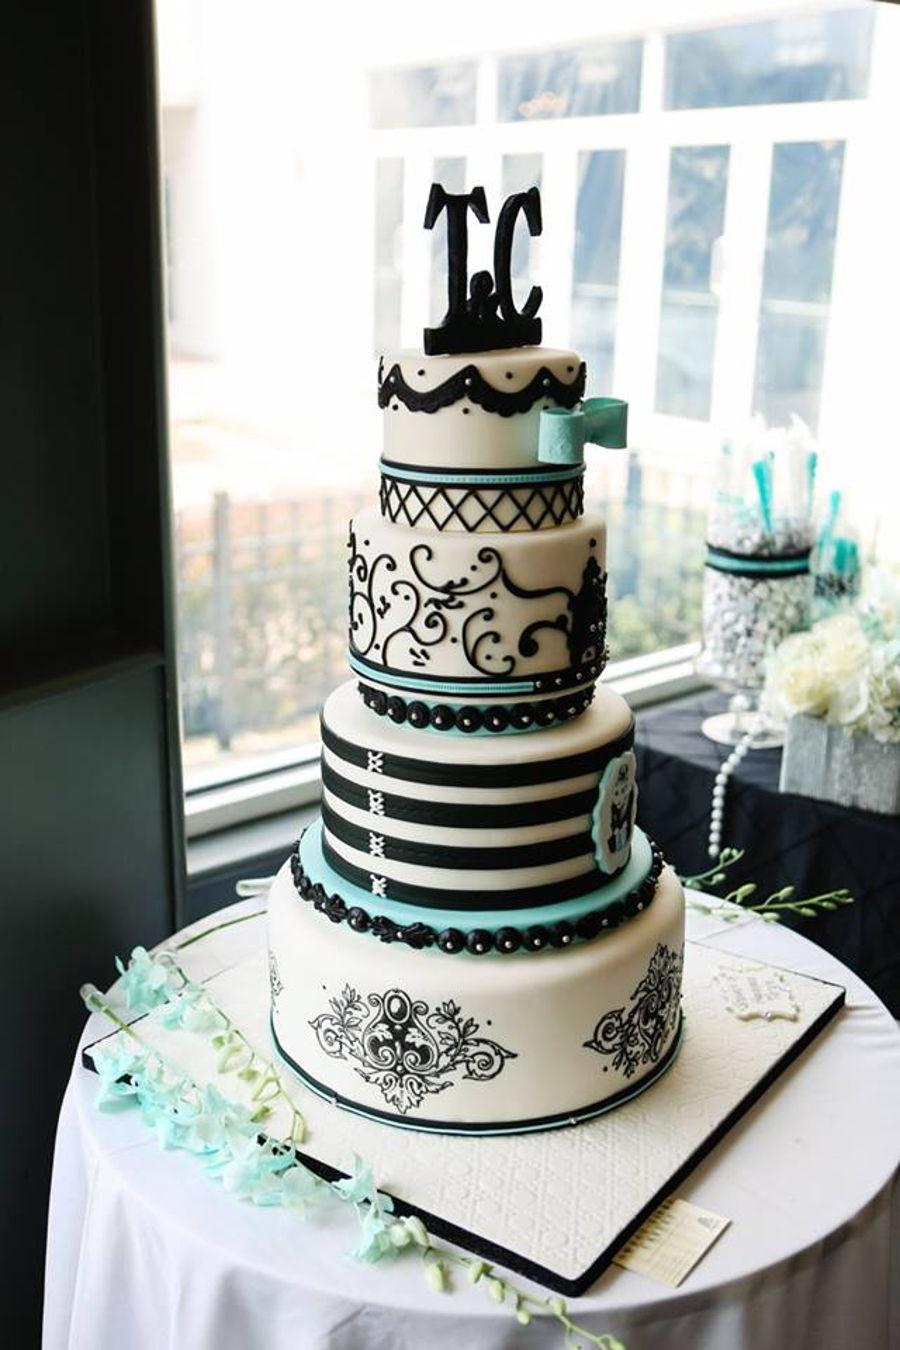 Tiffany Themed Cake  CakeCentralcom